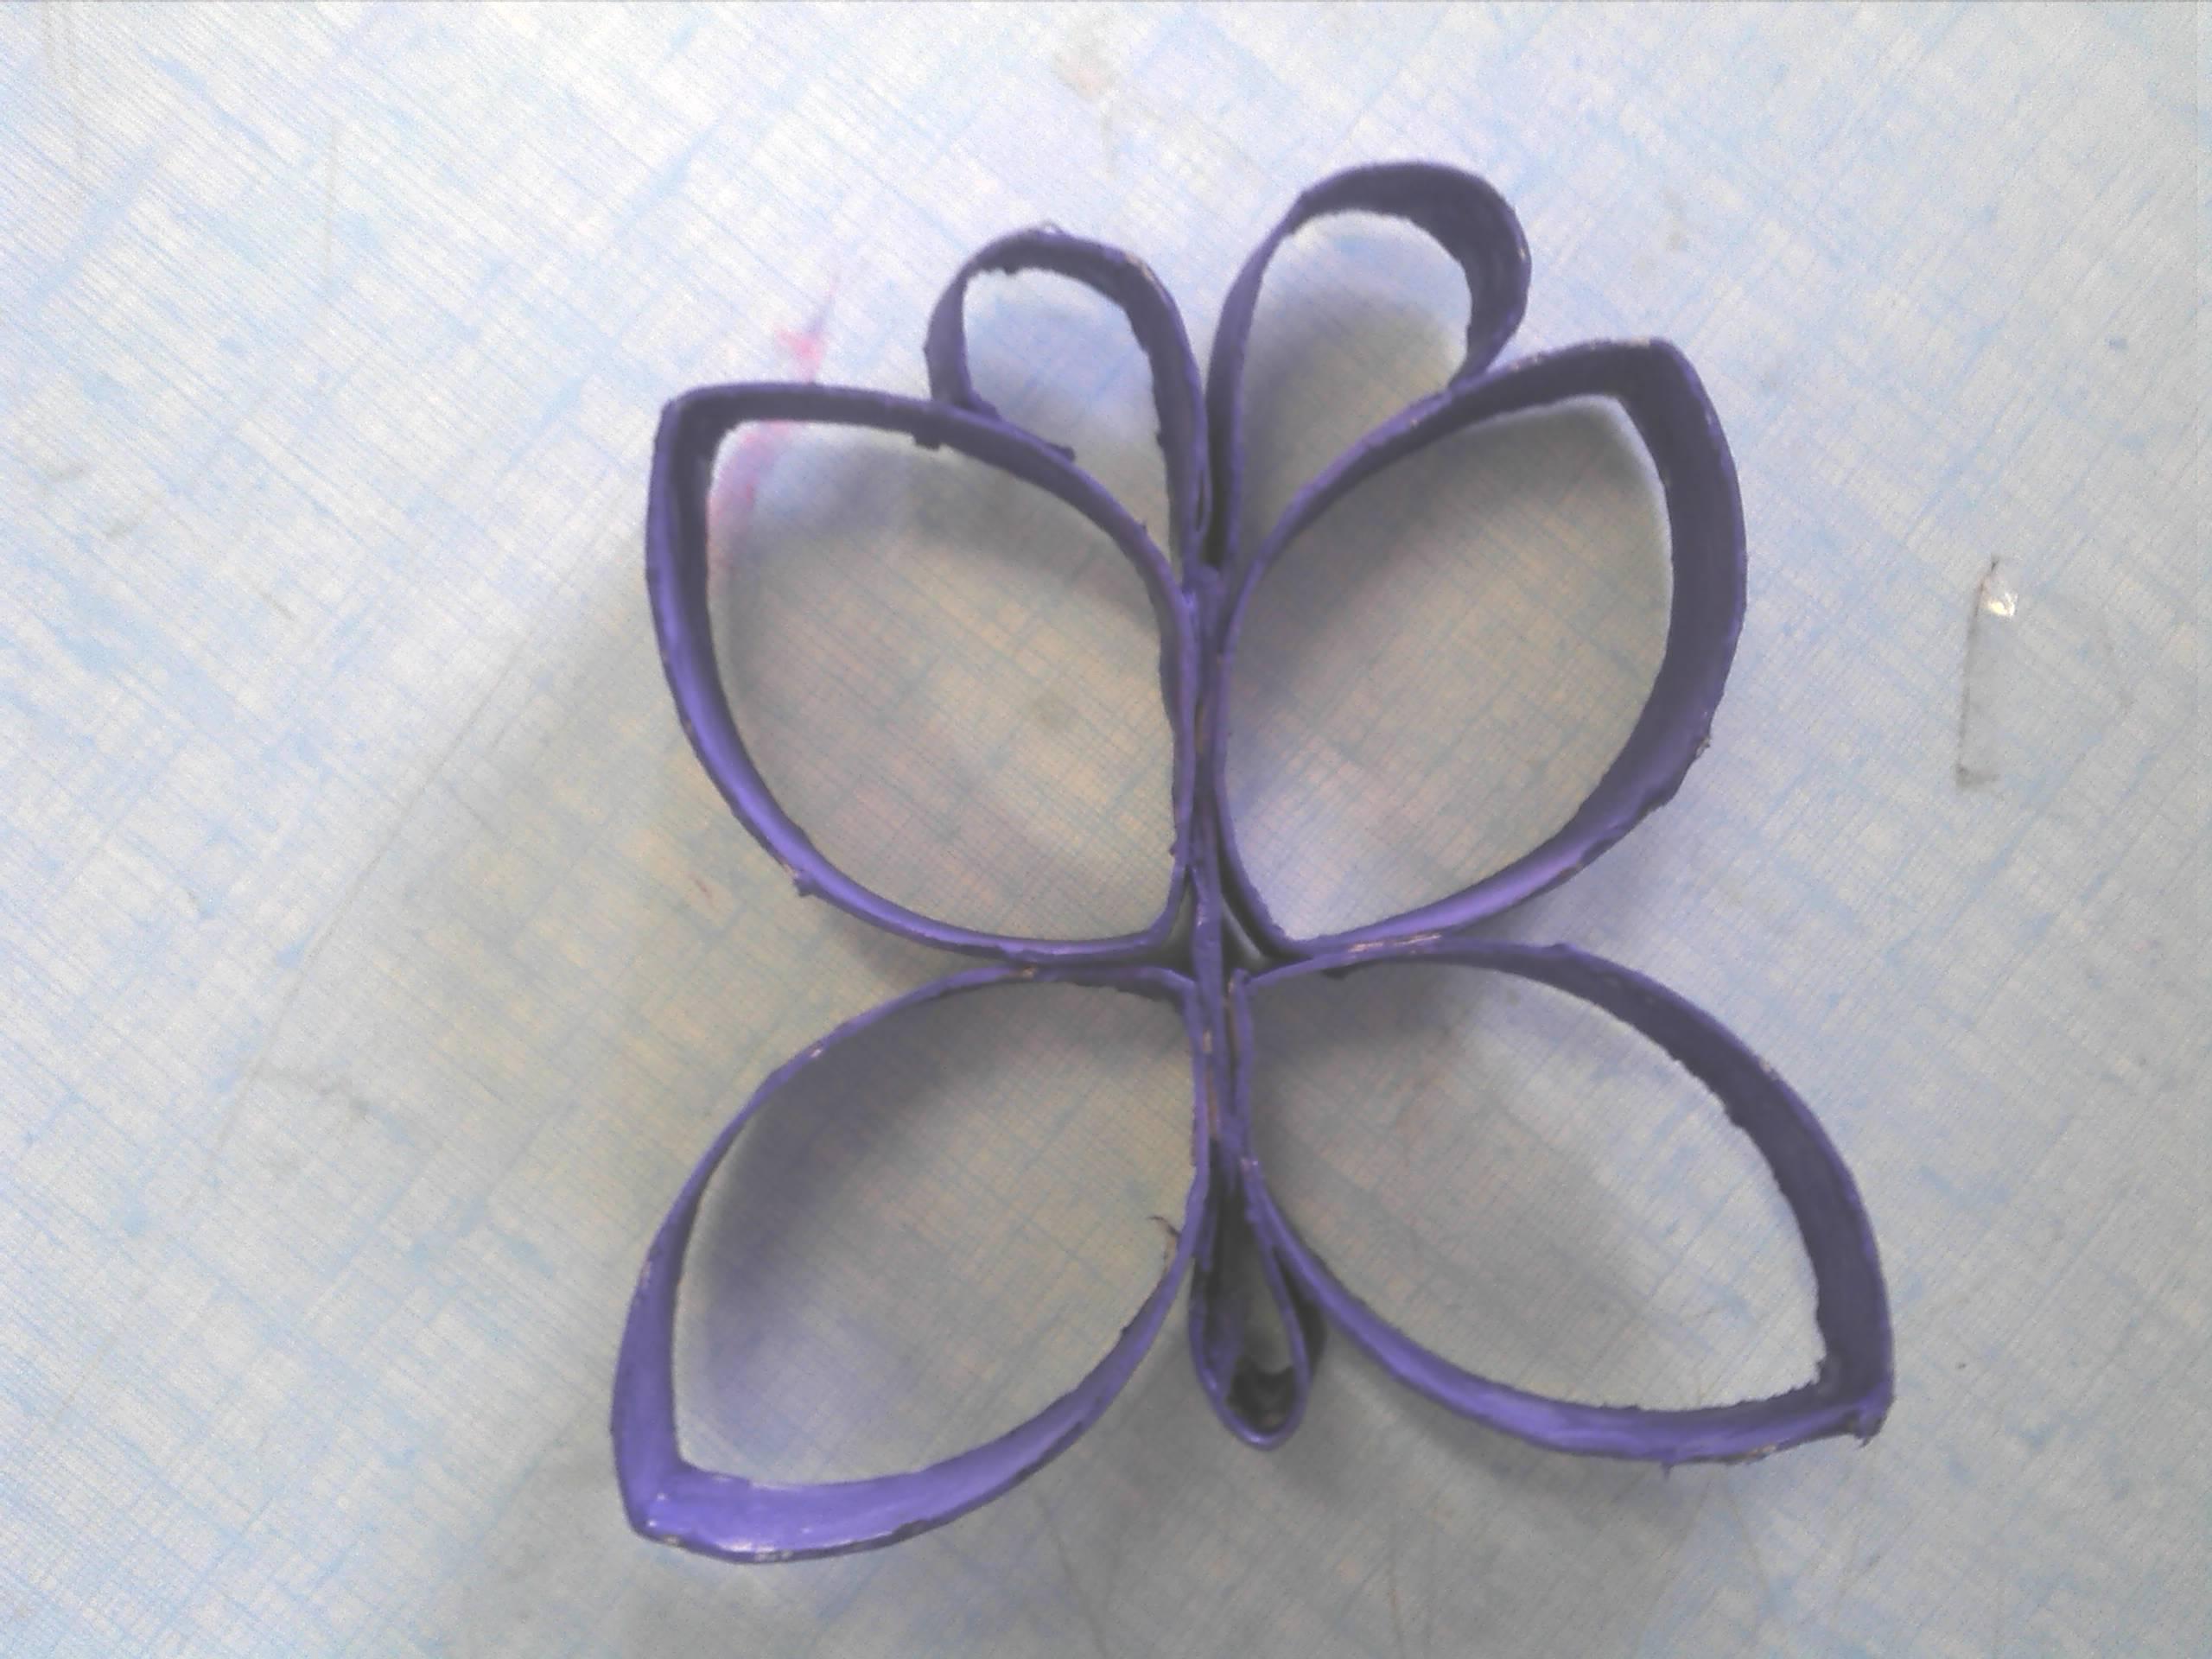 Papillon en rouleau papiers toilettes - Papillon avec rouleau de papier toilette ...